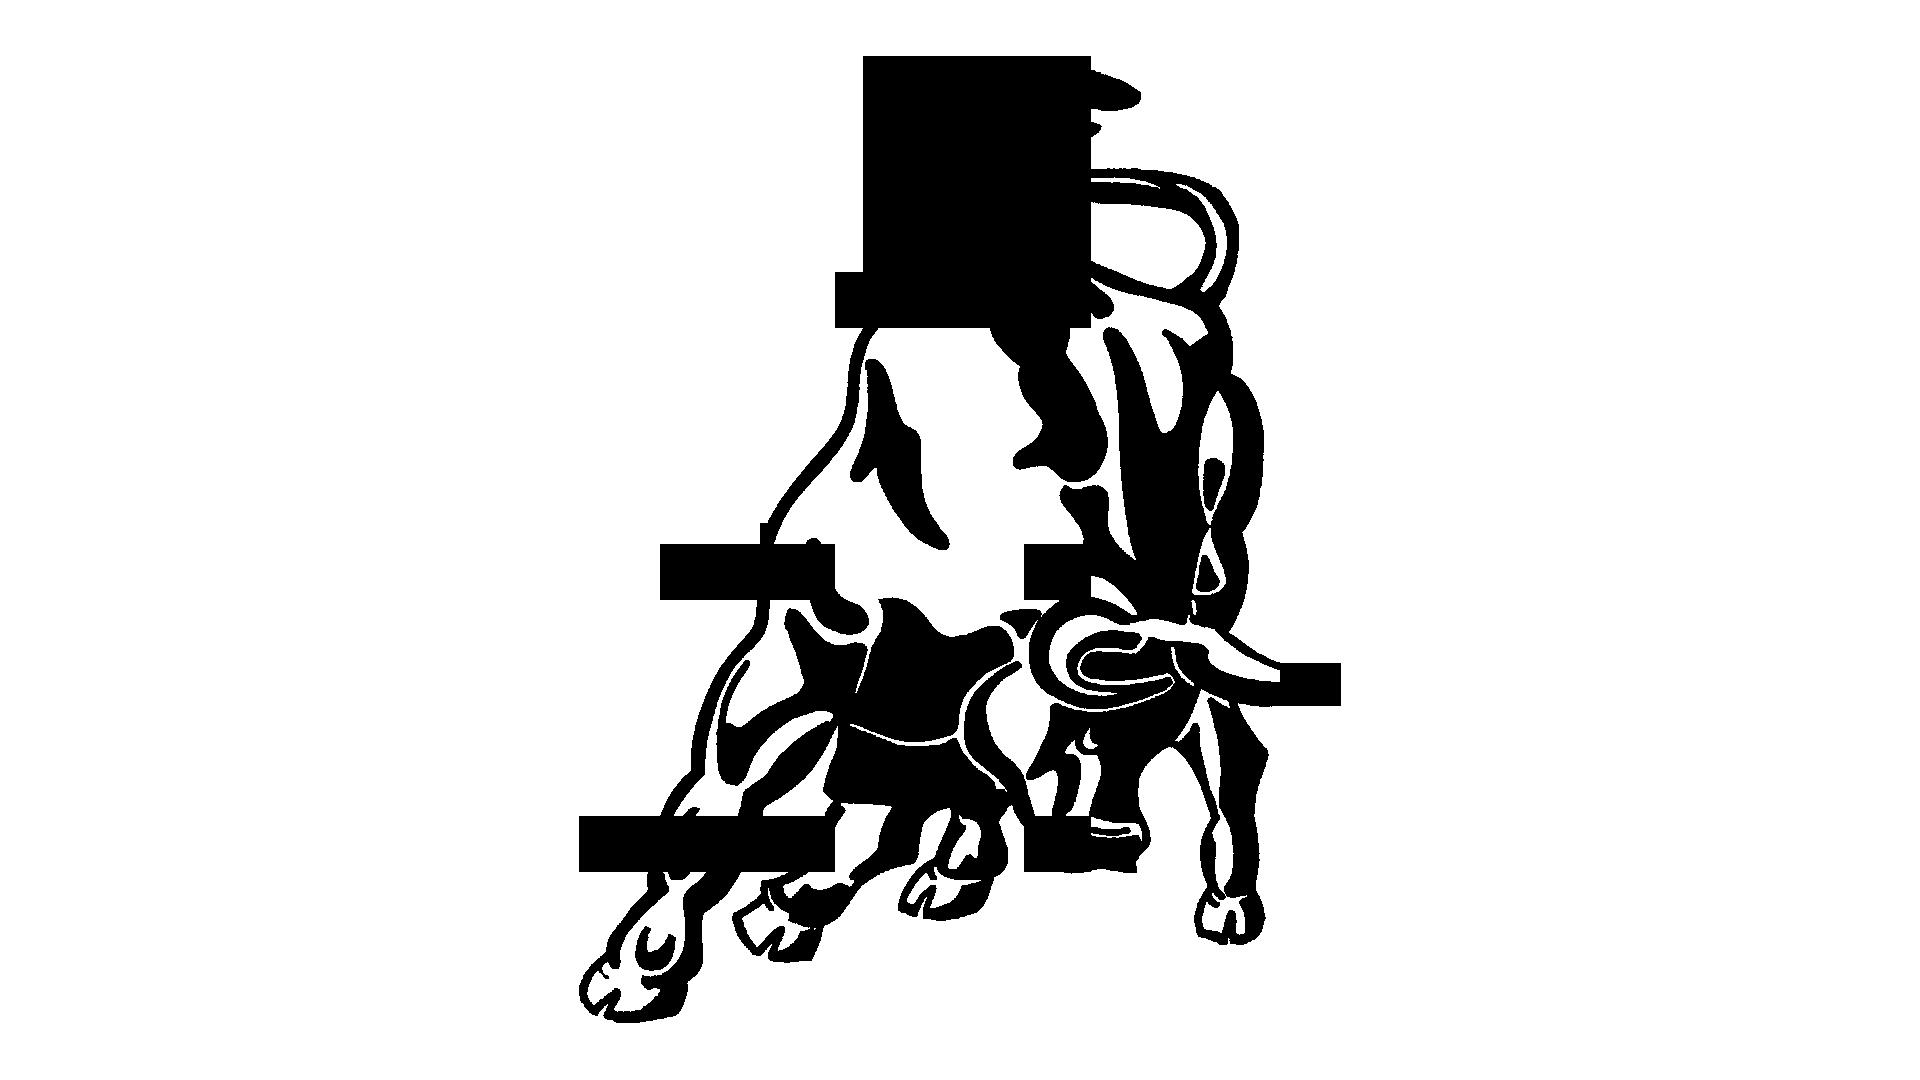 Lamborghini-bull-logo-1920x1080.png